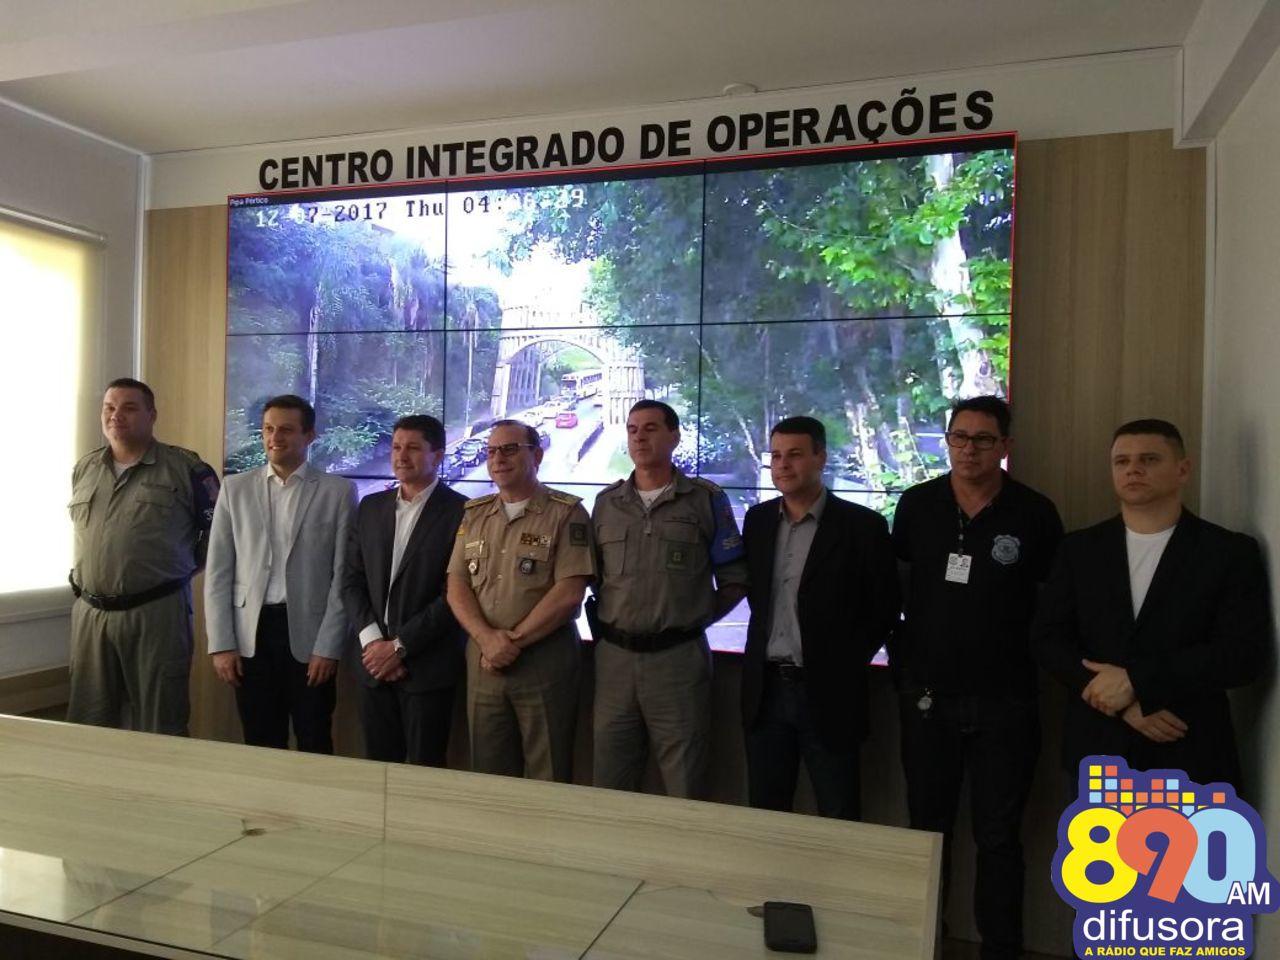 Consepro entrega nova sala de comando e controle para a Brigada em Bento